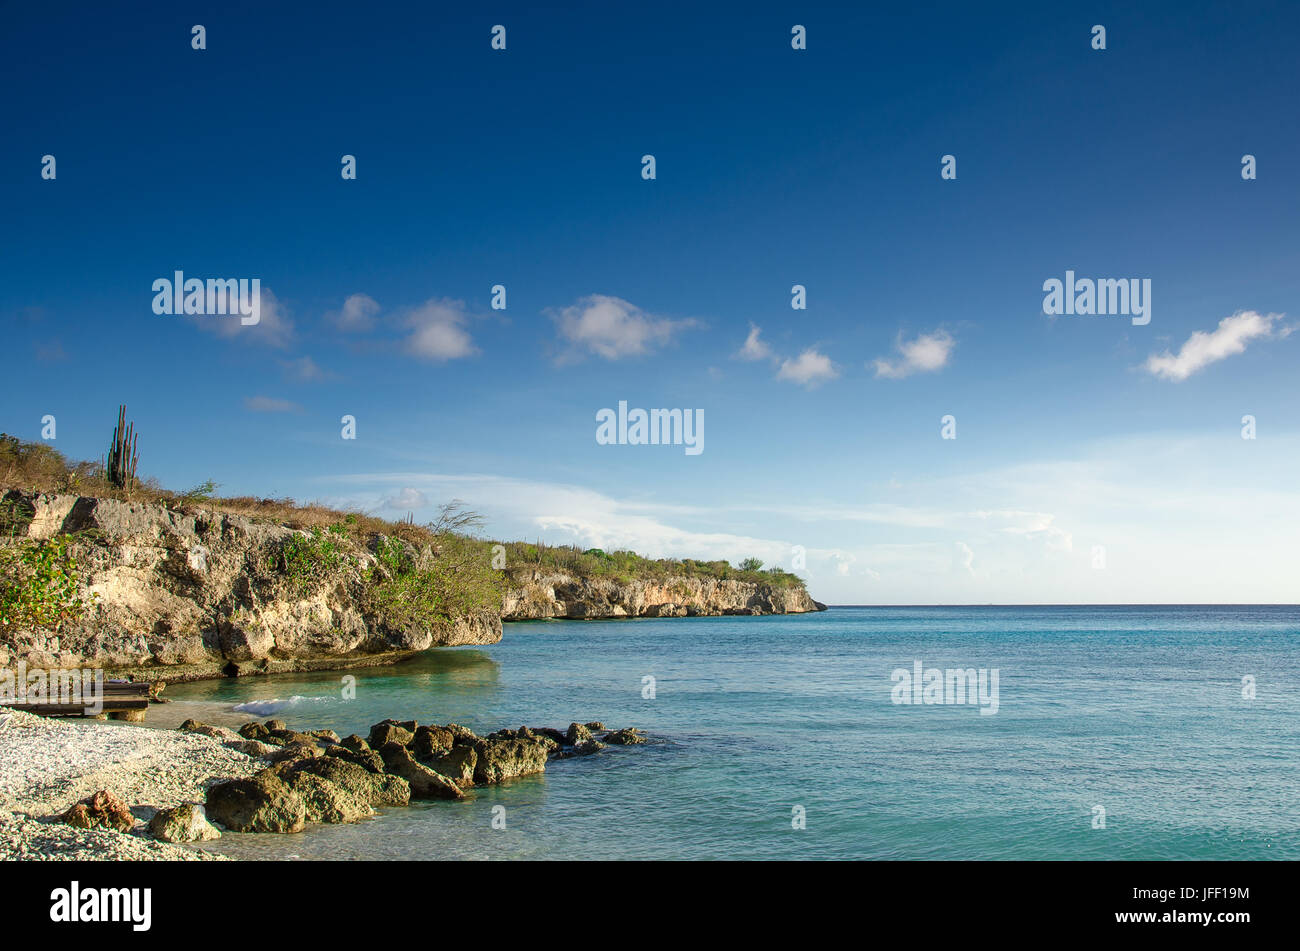 Strand auf einer karibischen Insel Stockbild